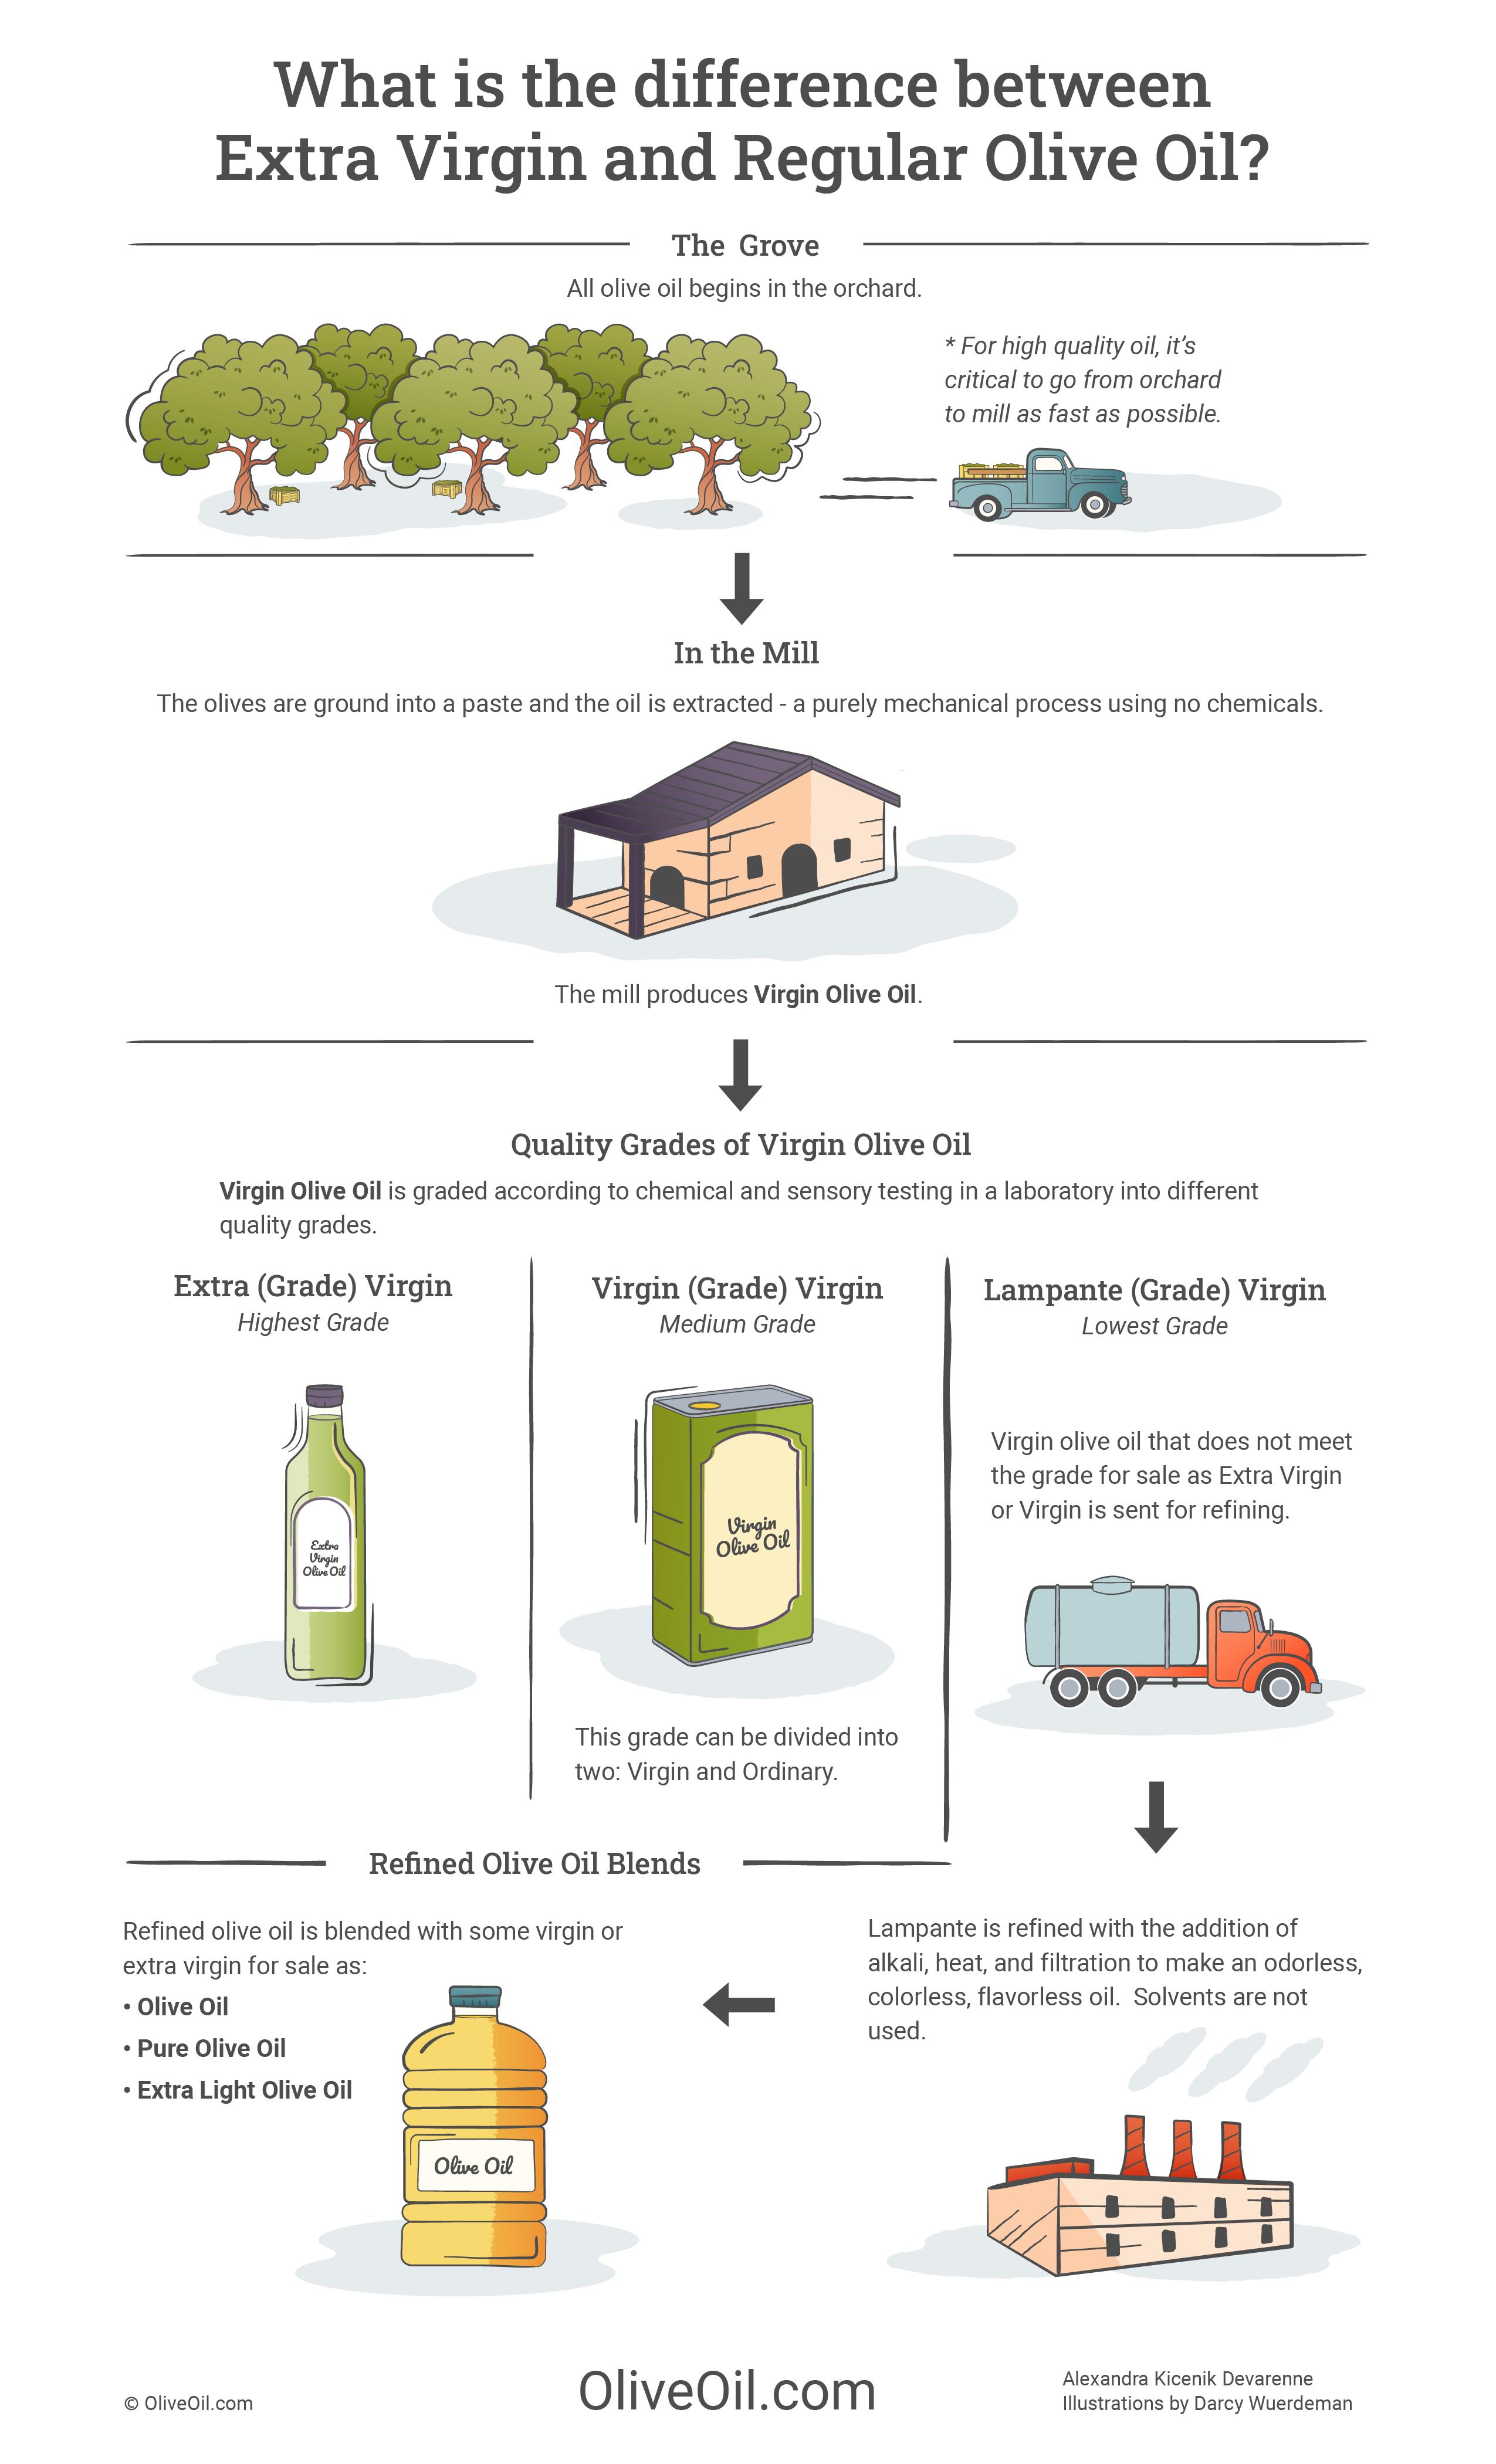 Extra Virgin Olive Oil vs Regular infographic